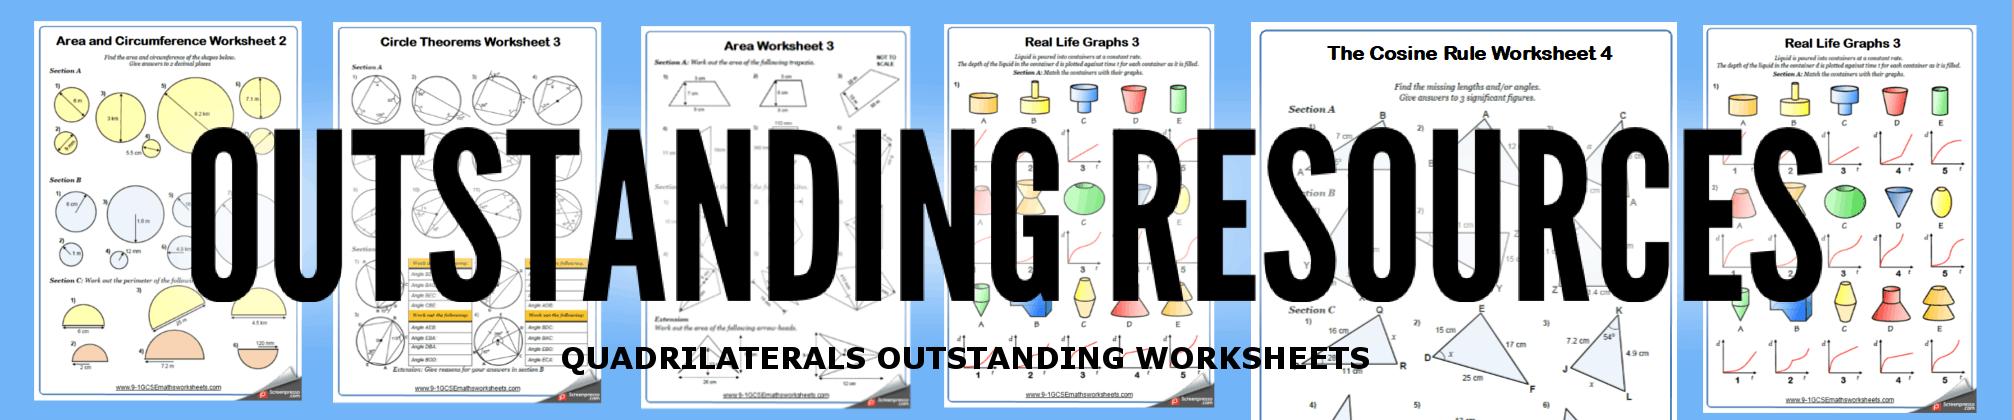 quadrilaterals worksheets